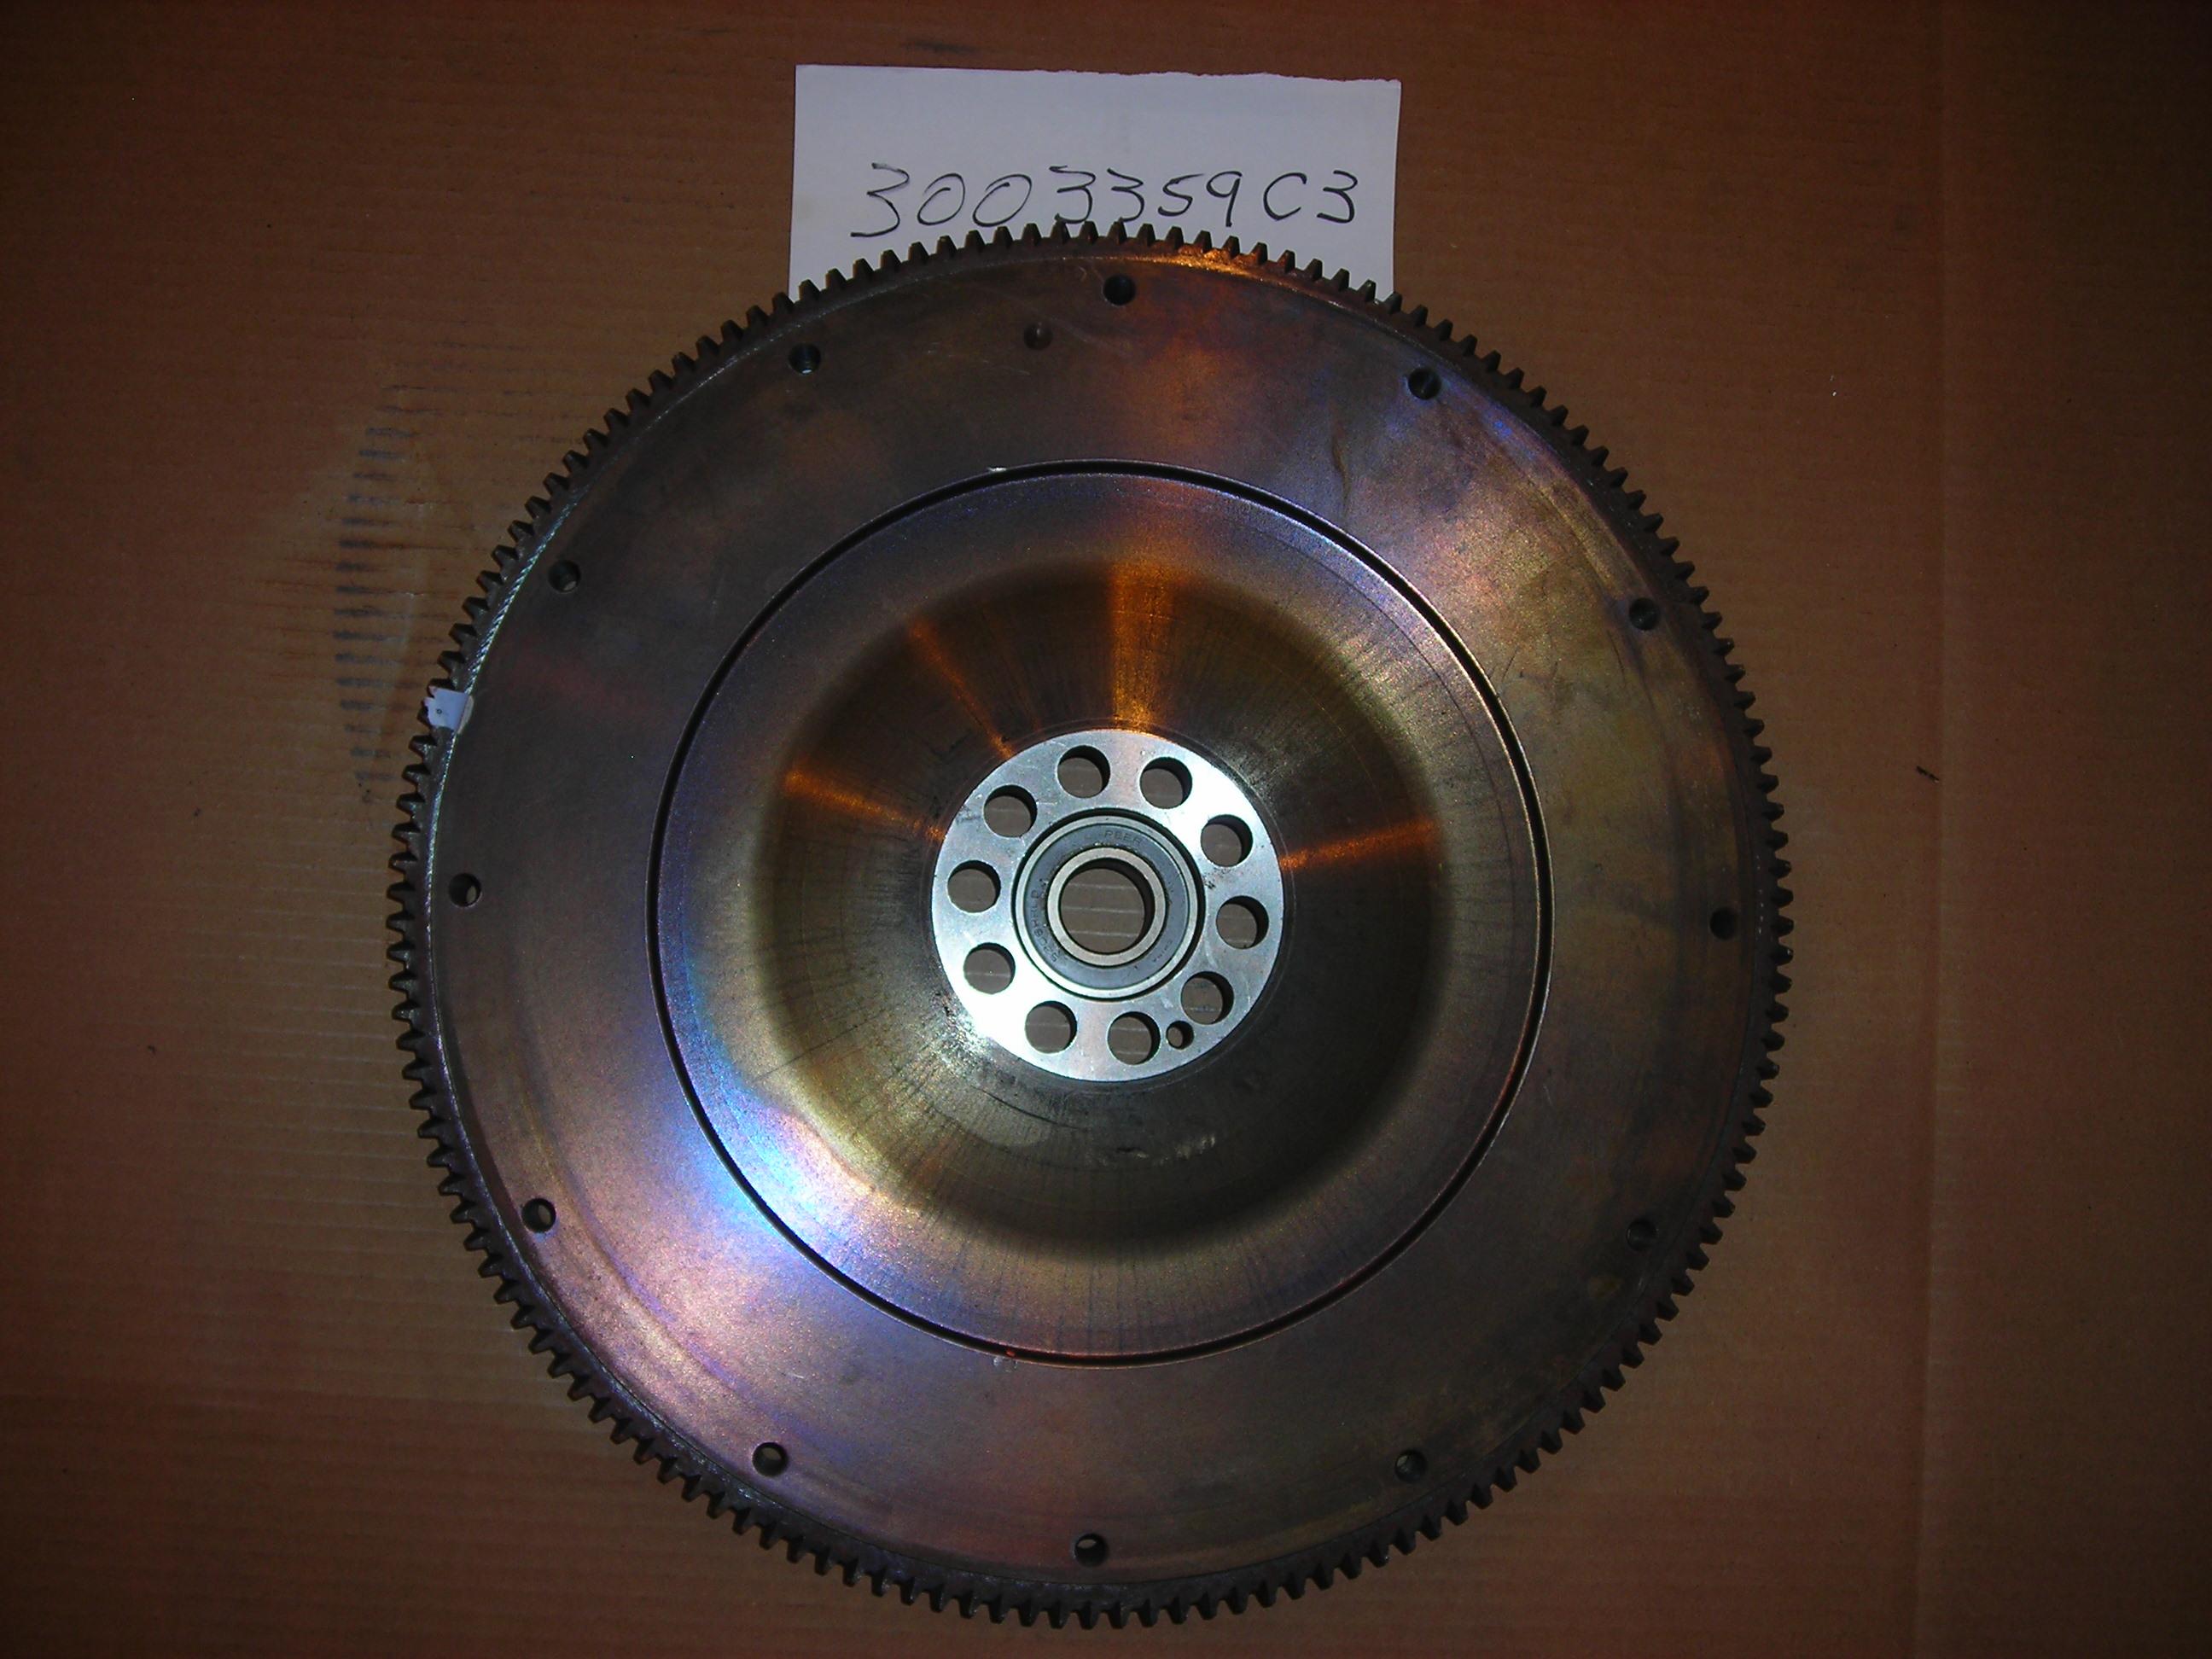 3003359C3 Navistar International Flywheel Rear